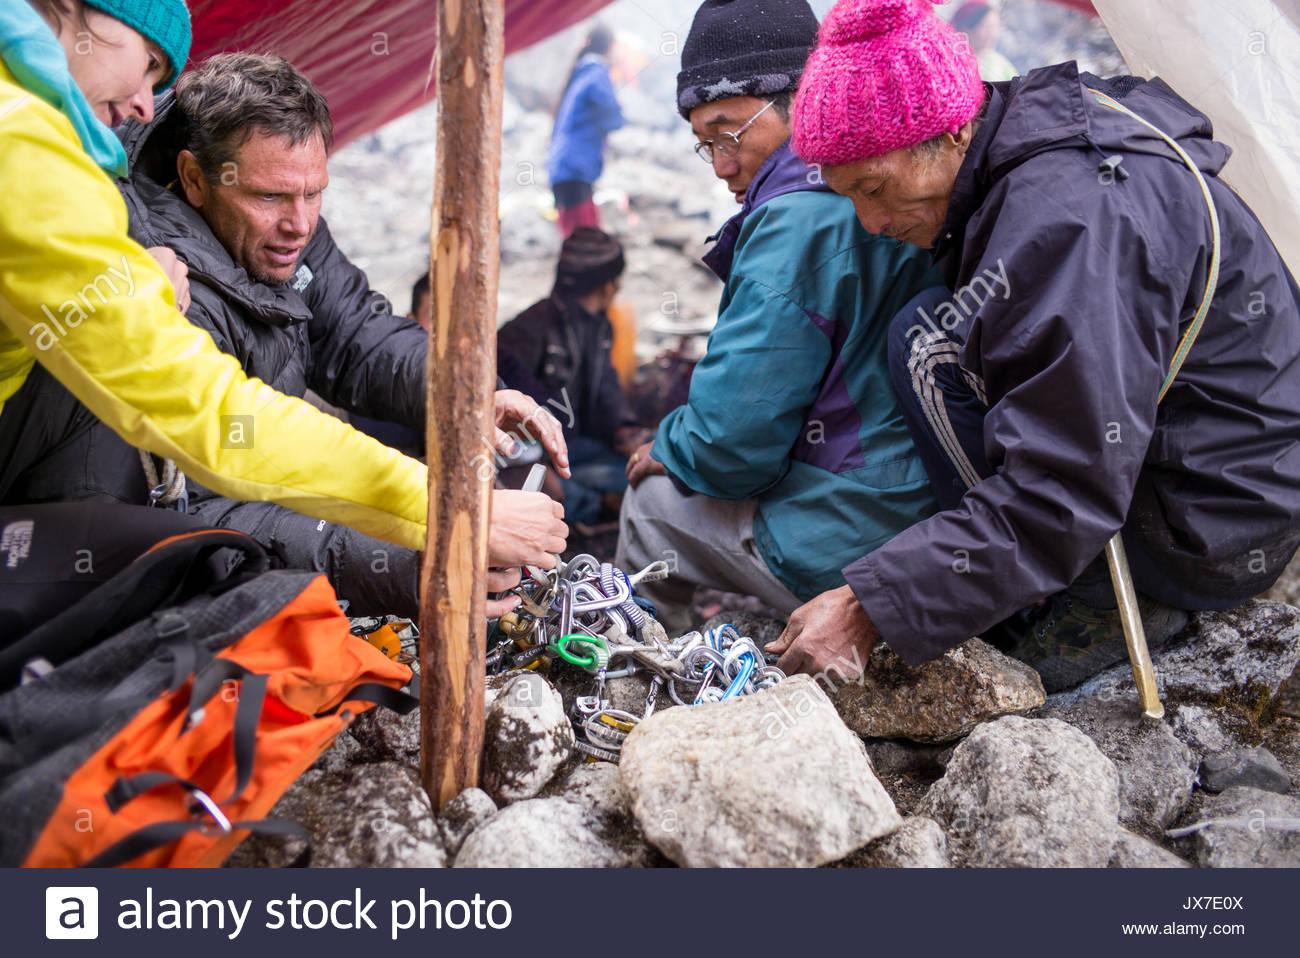 Les membres de l'expédition vérifier l'équipement avec l'aide de guides locaux. Photo Stock